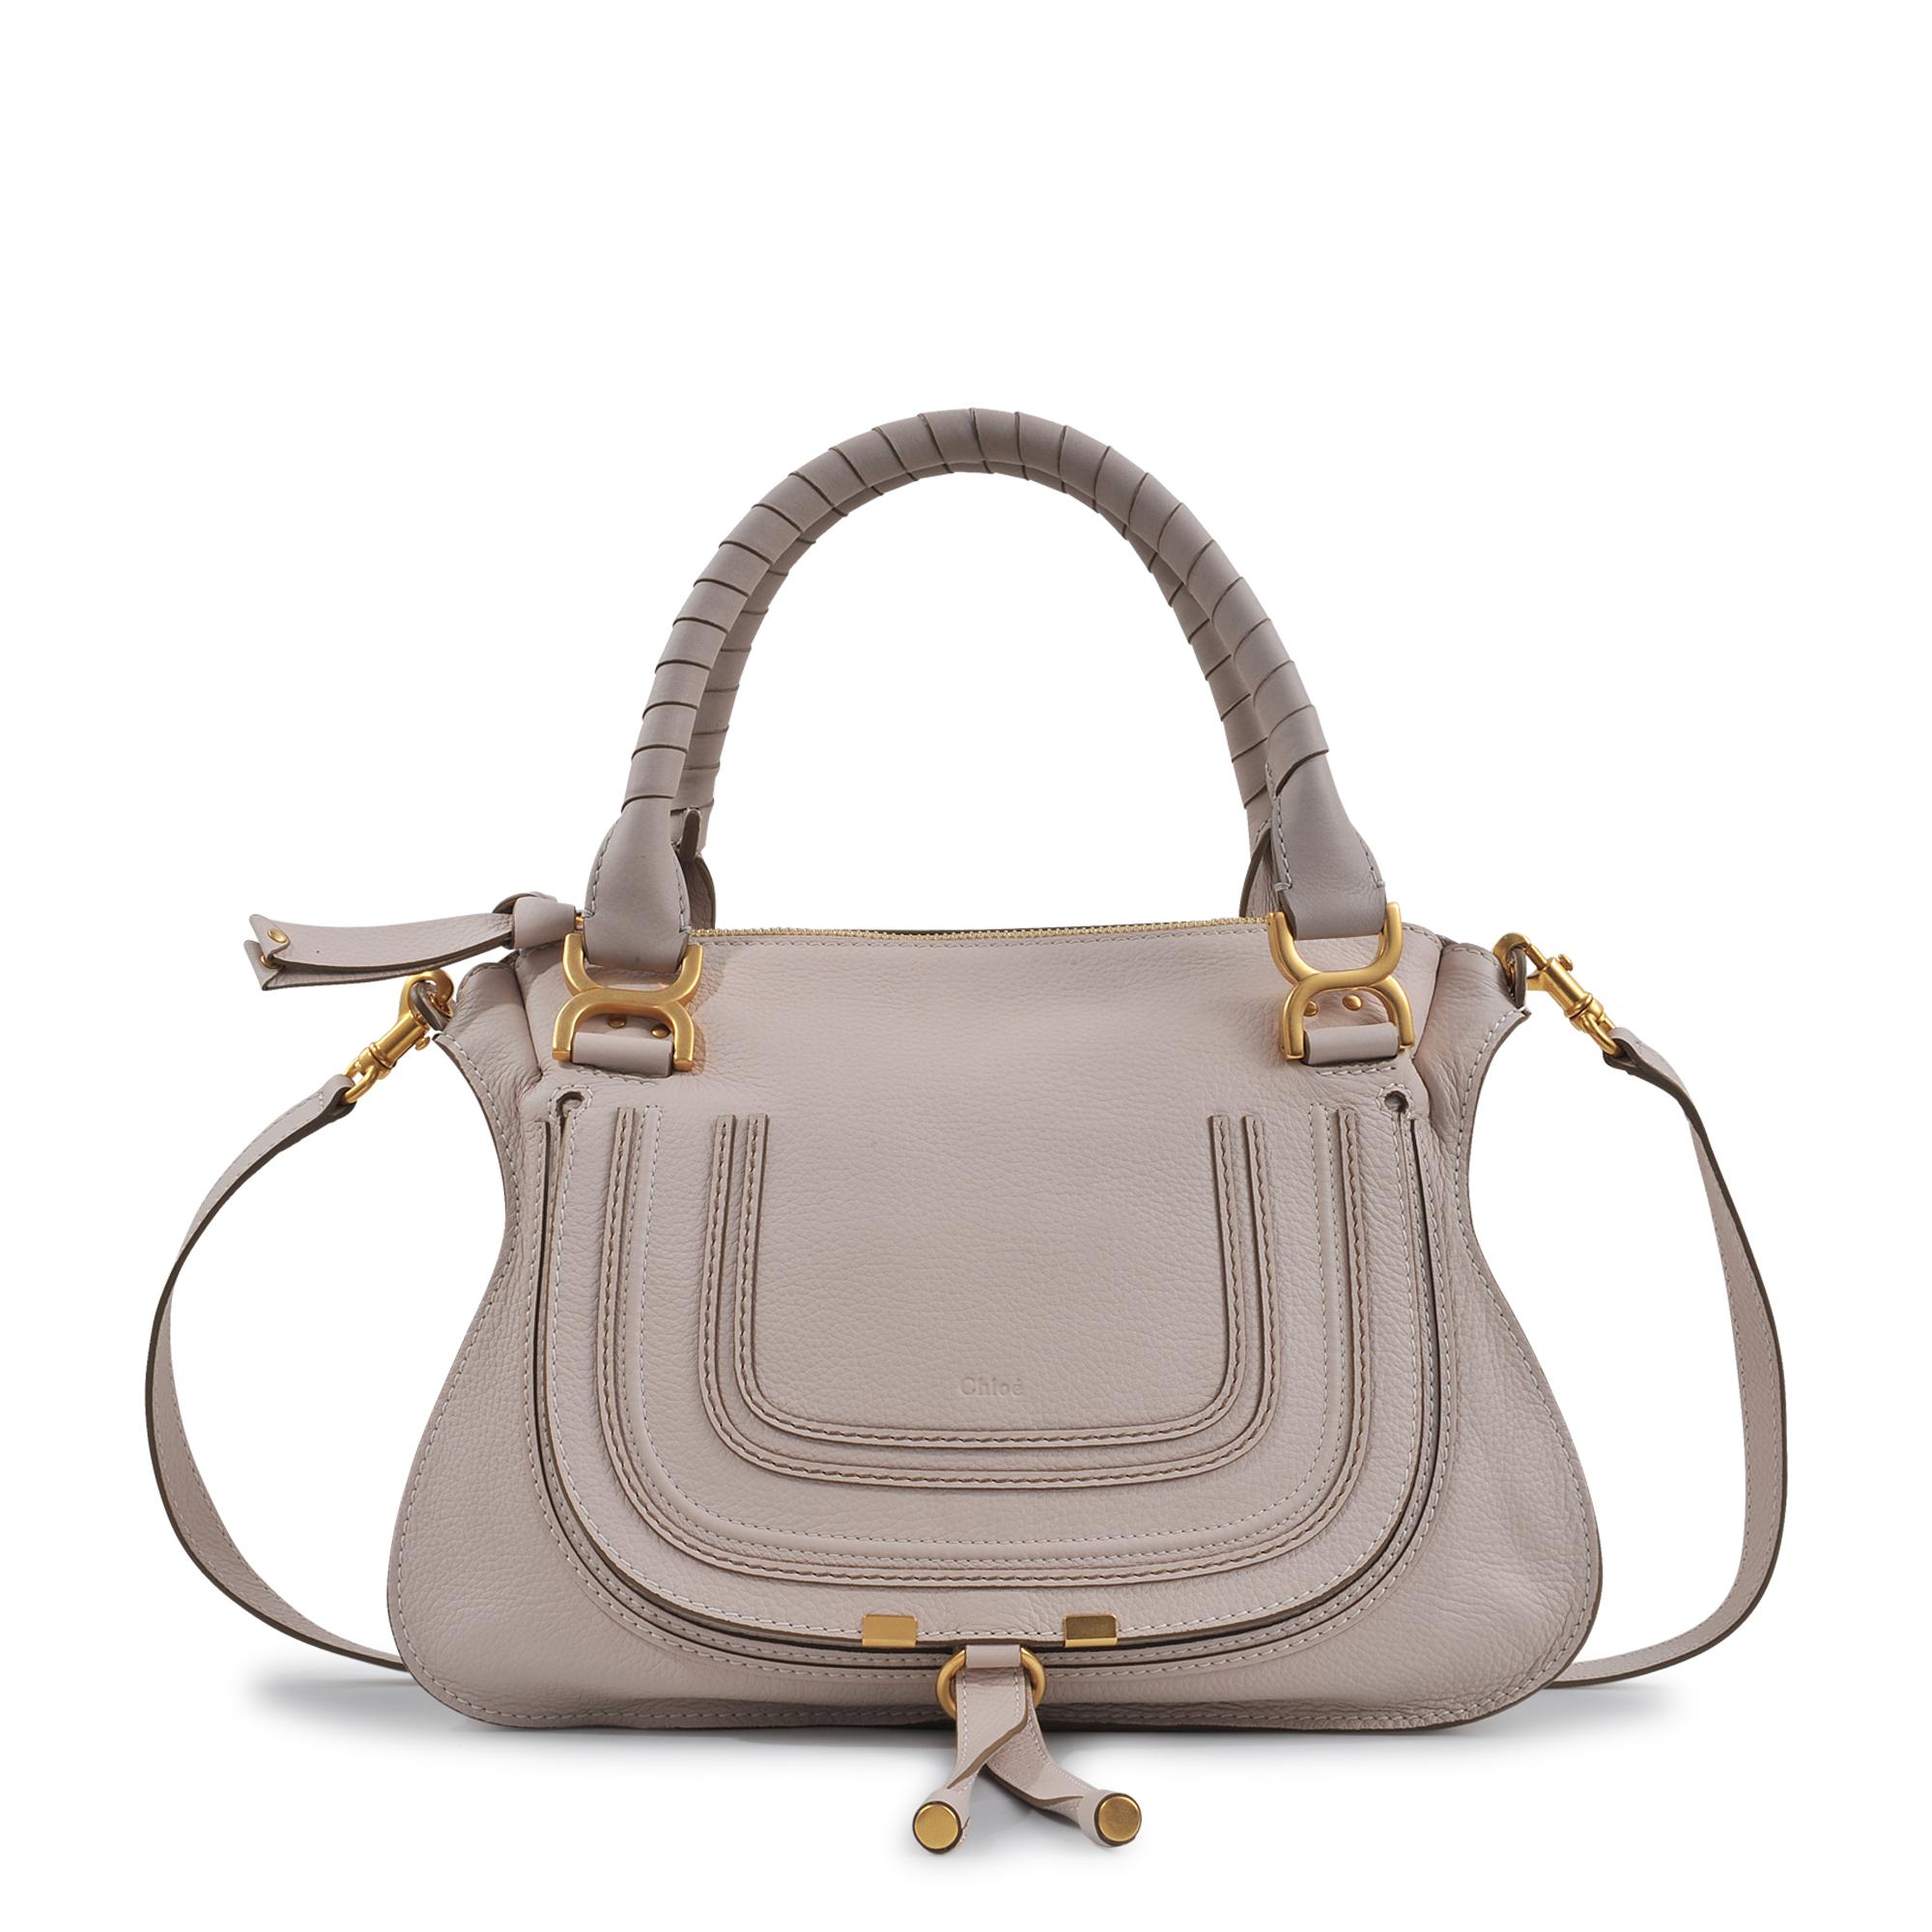 3cfc8780 chloe marcie medium leather shoulder bag, chloe knockoff